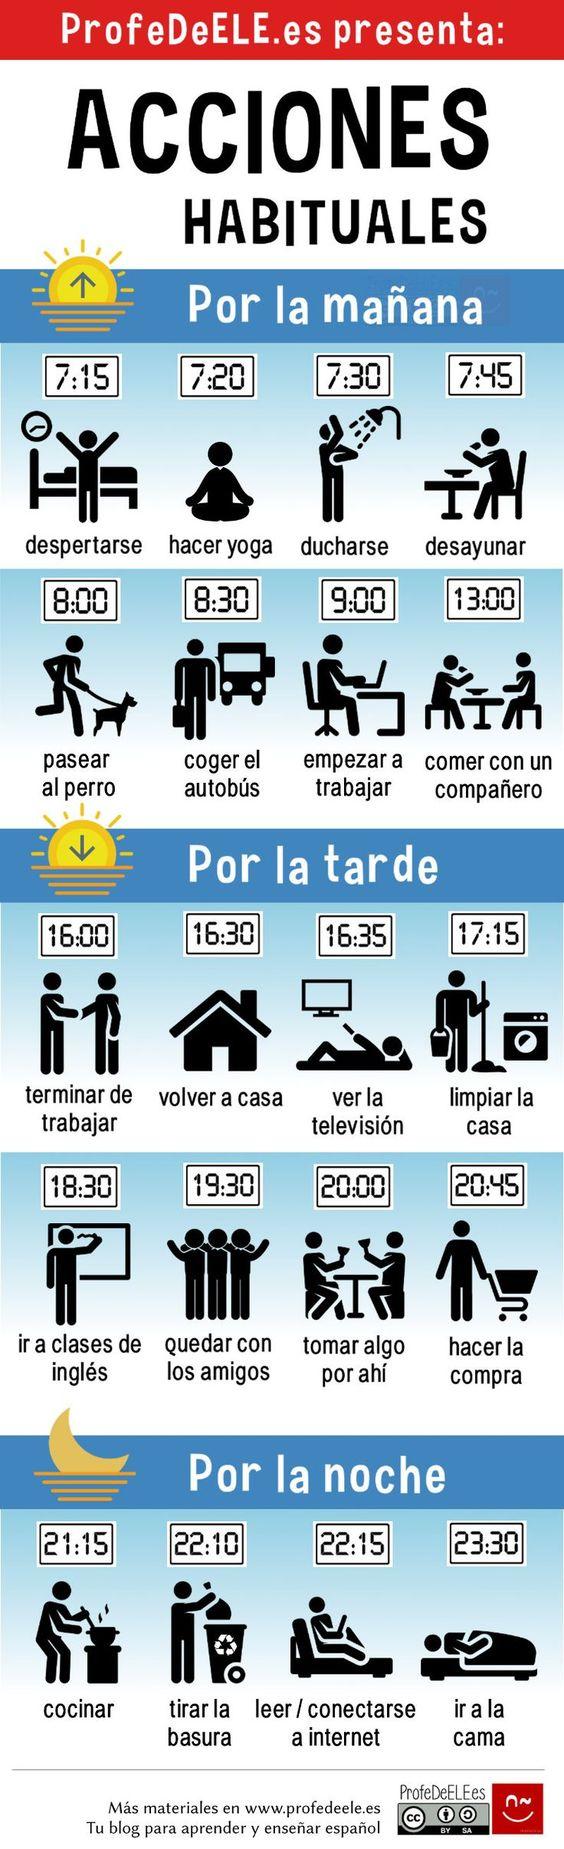 Acciones habituales - Infografía - vocabulario español: